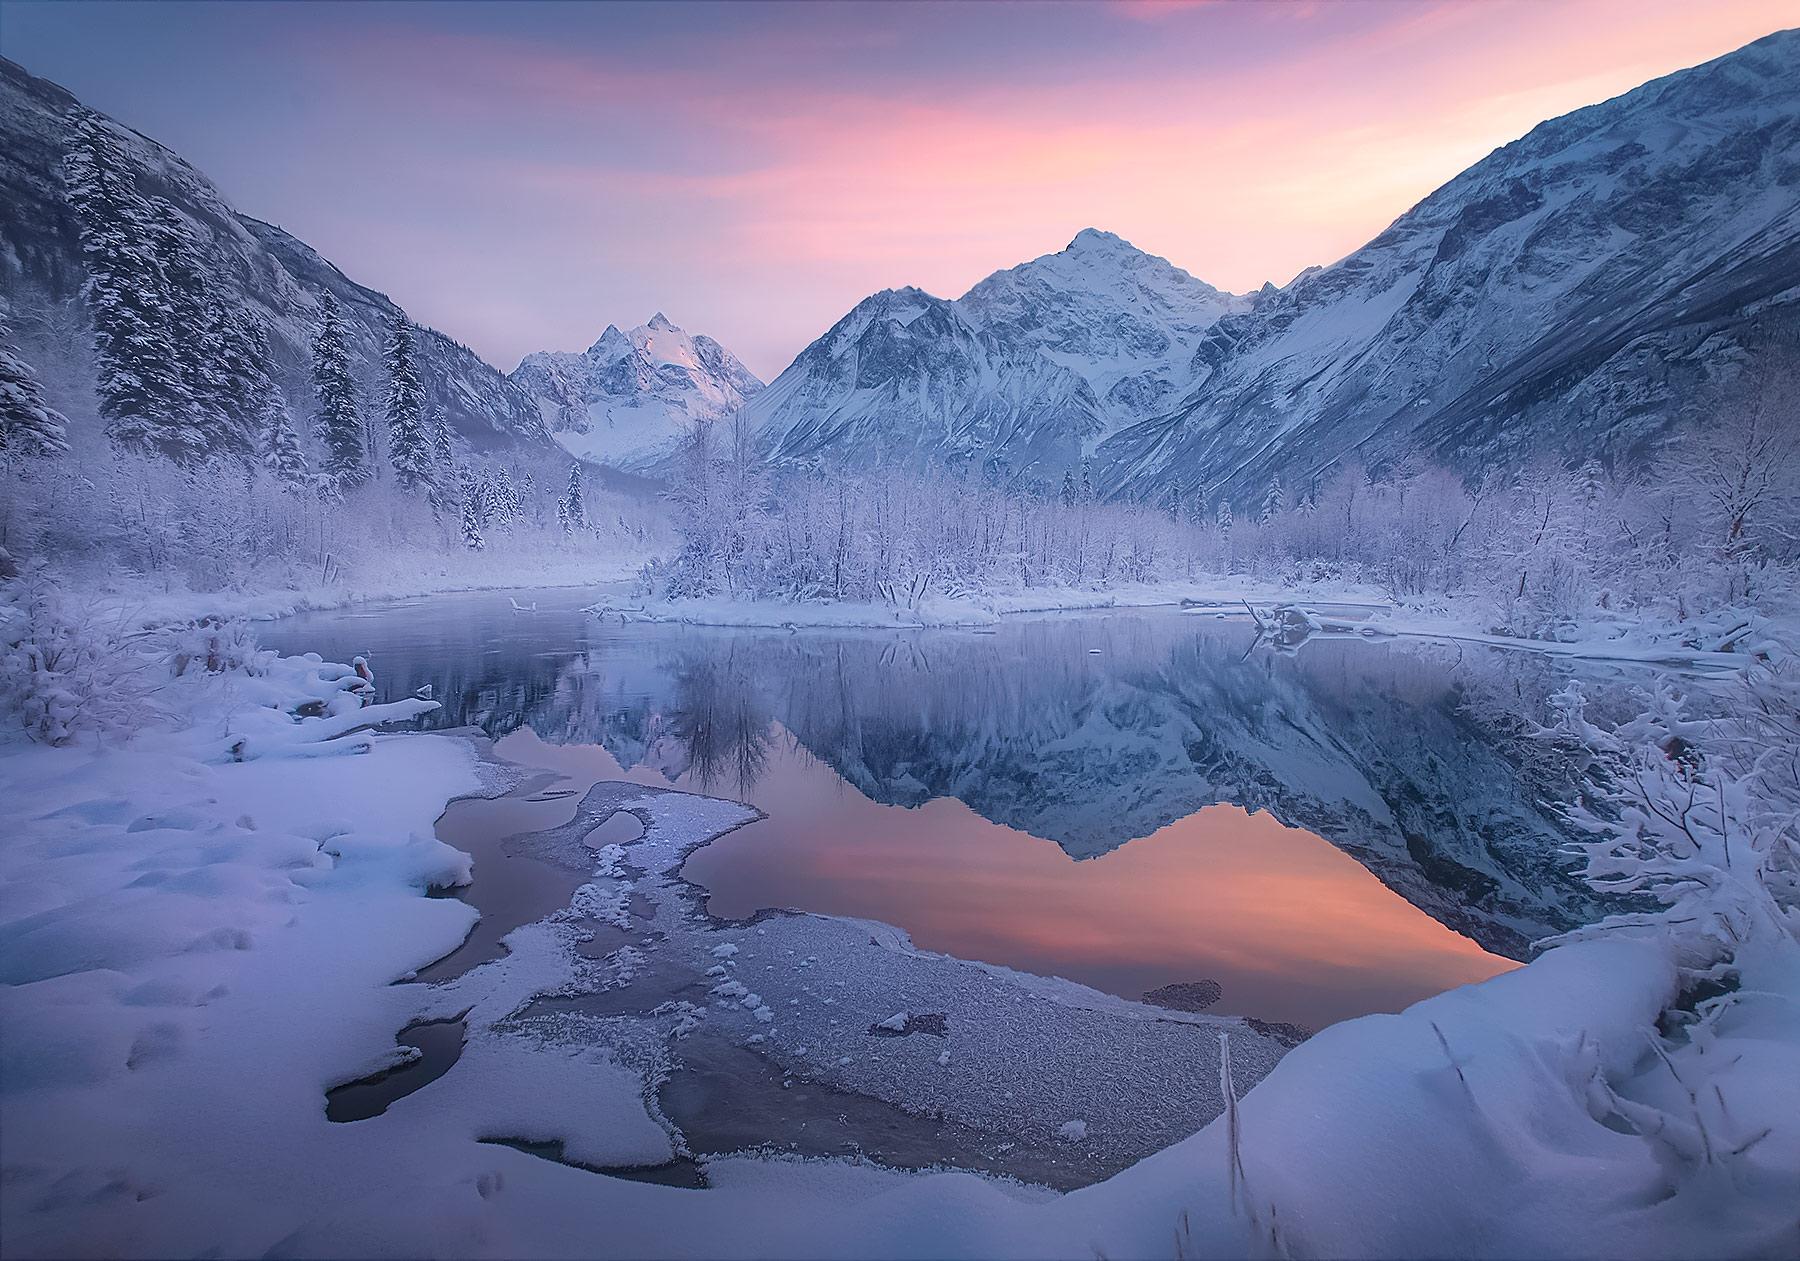 Alaska, winter, reflection, sunset, chugach, misty, cold, photo